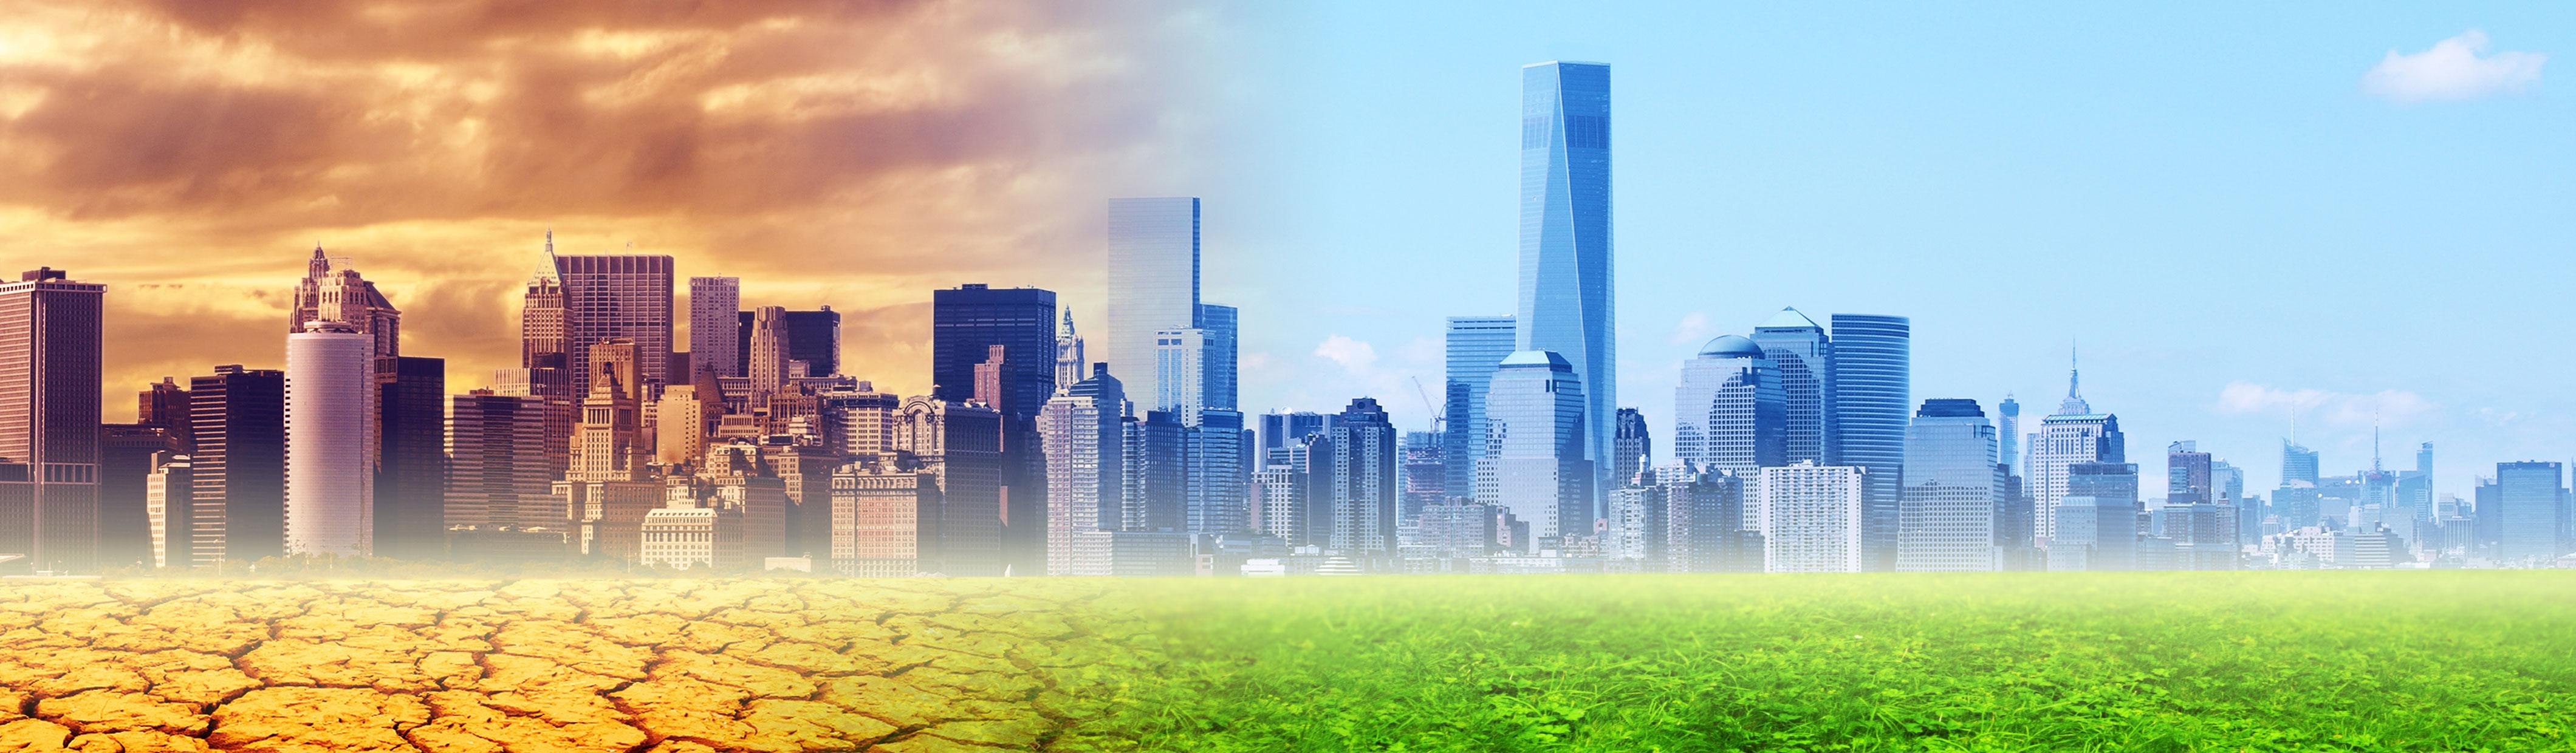 Prognosetool für die Stadtplanung:  CFD-Strömungssimulation